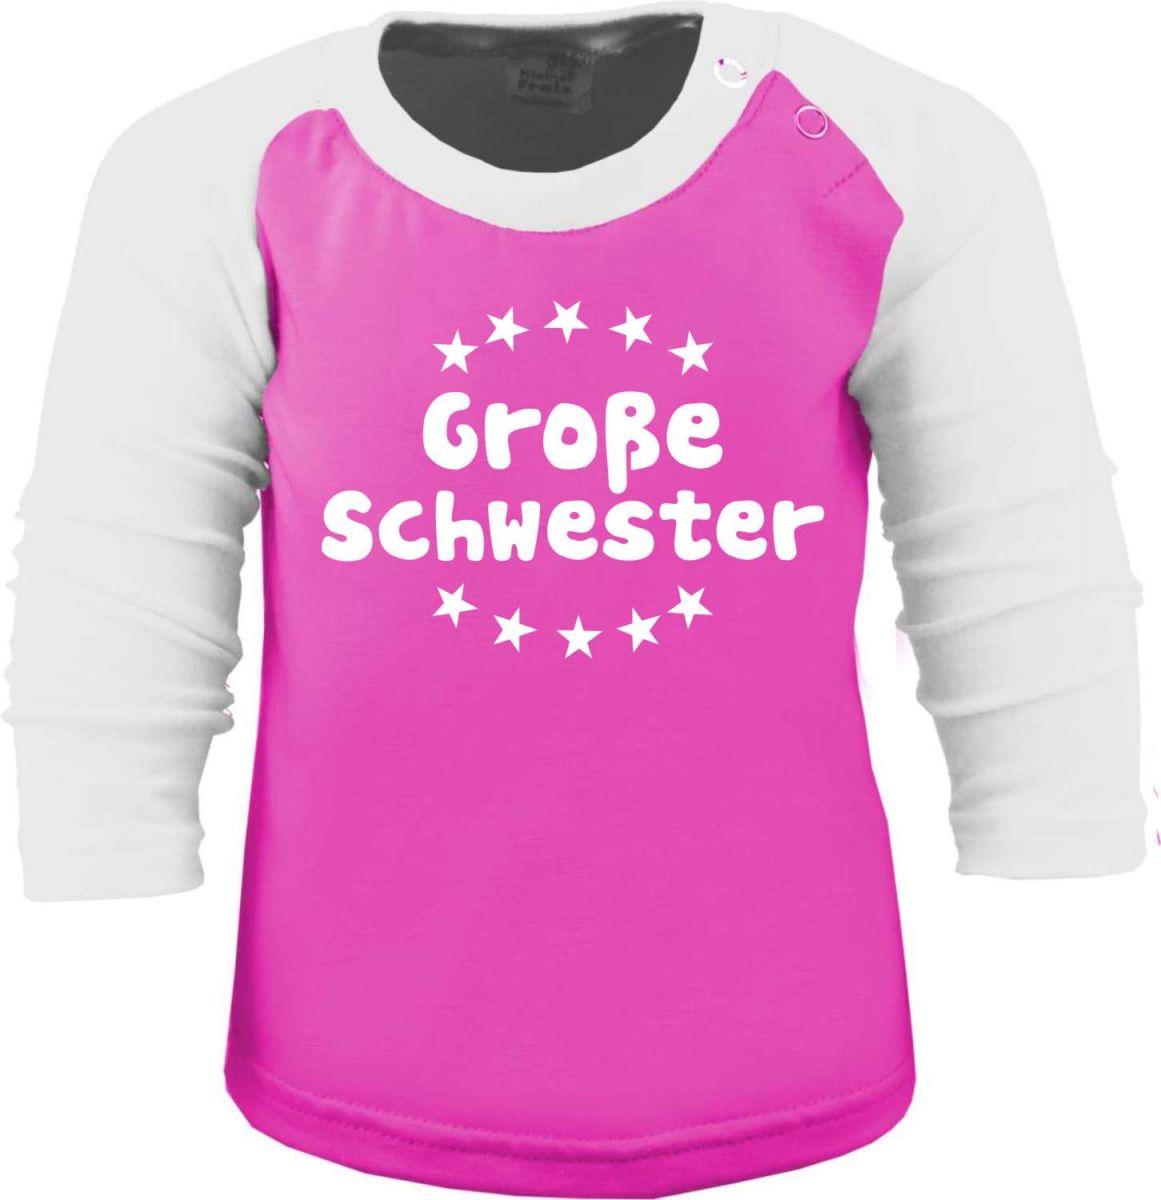 HALSTUCH mit Spruch gro/ße Schwester f/ür Baby oder Kind rosa